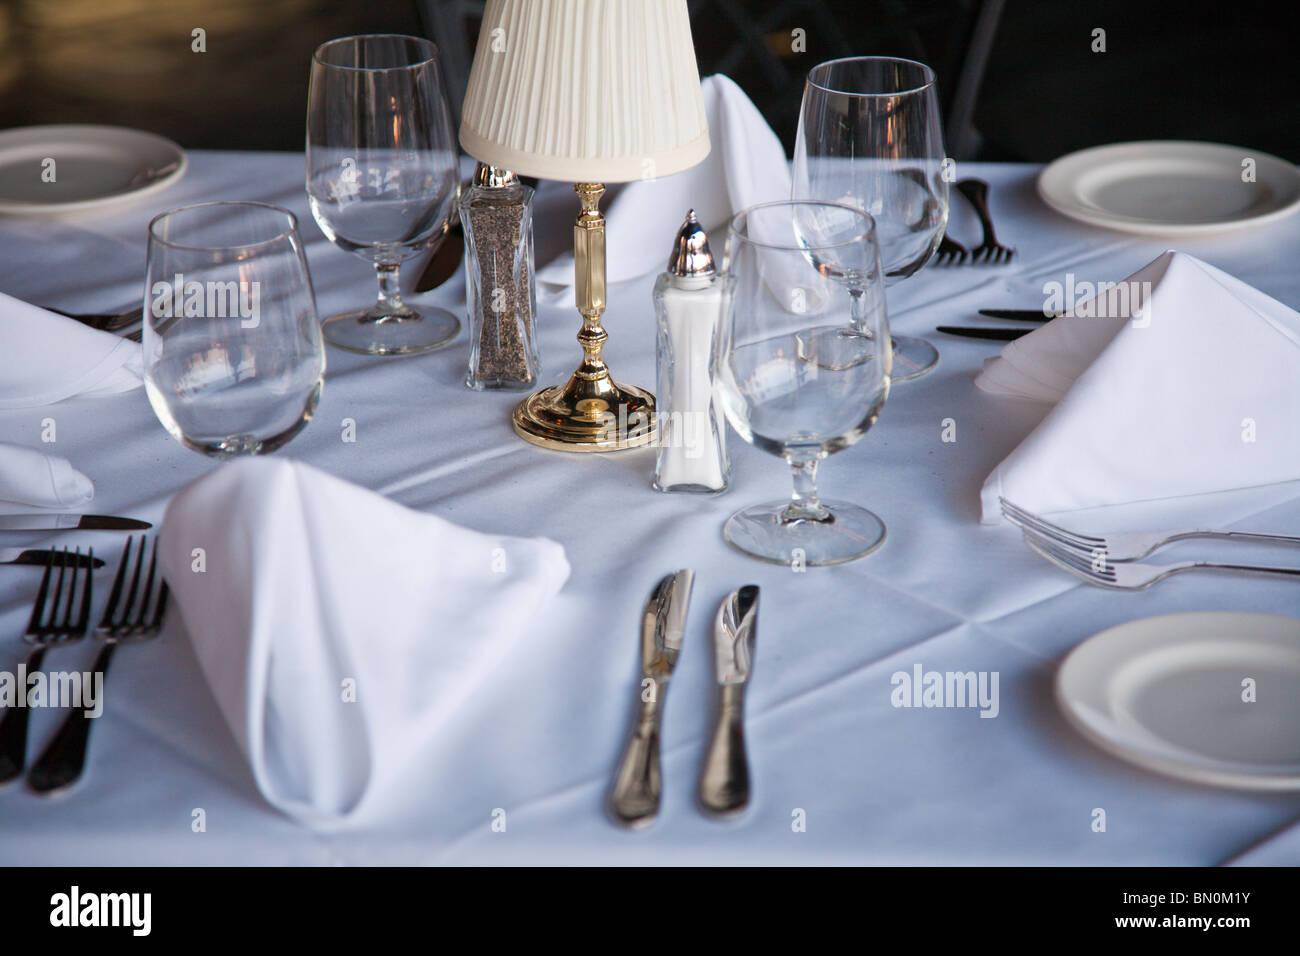 Elegant Dinner Place Settings Stockfotos & Elegant Dinner Place ...